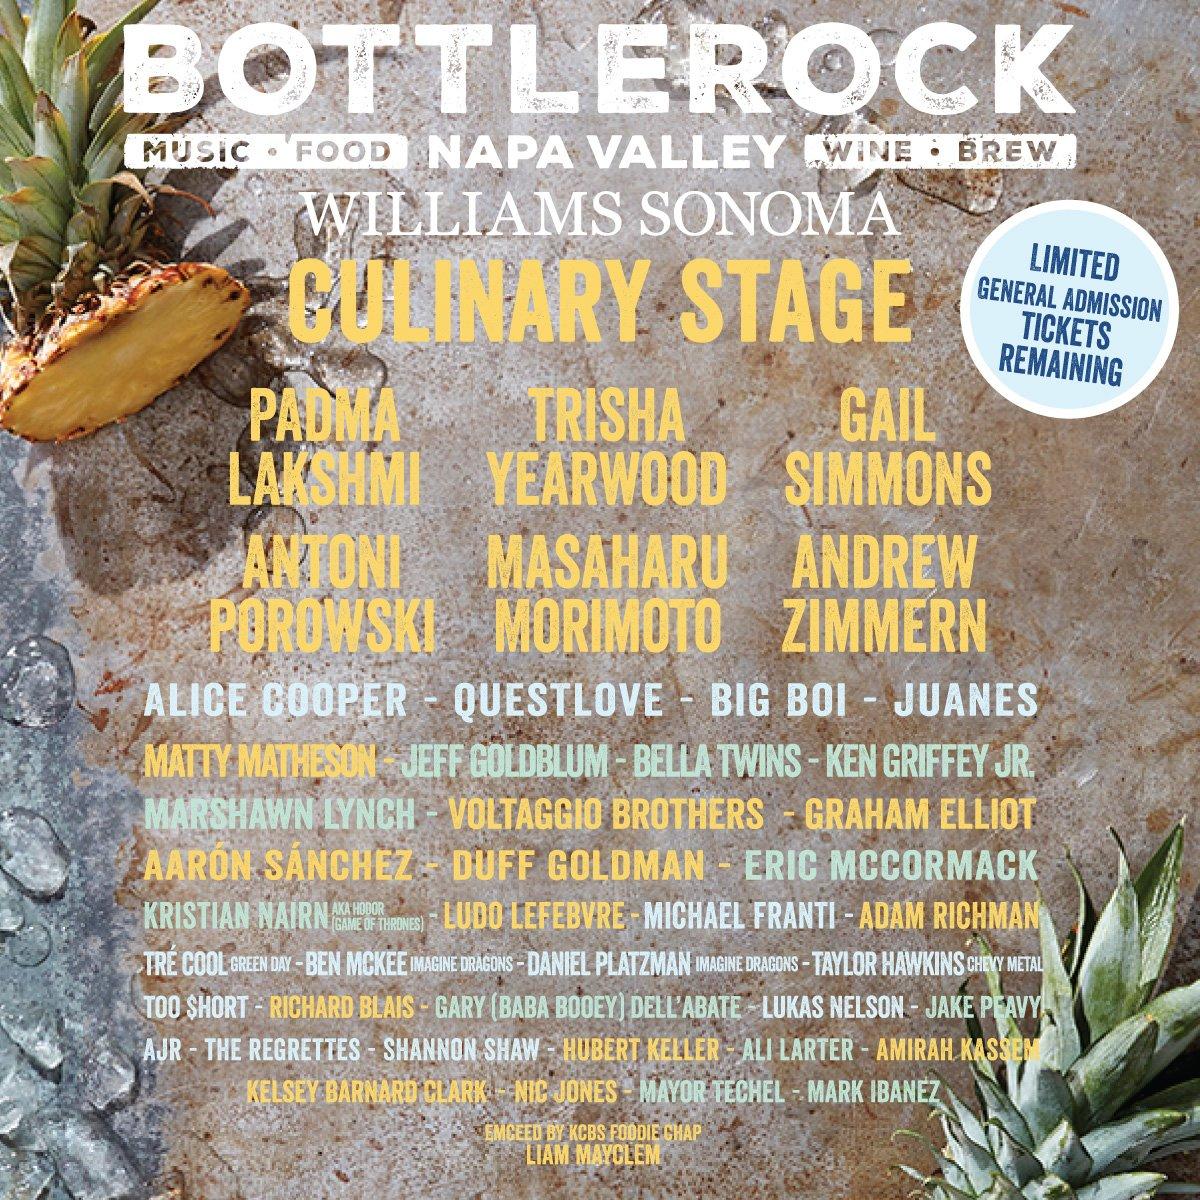 BottleRock Festival 2019 Lineup